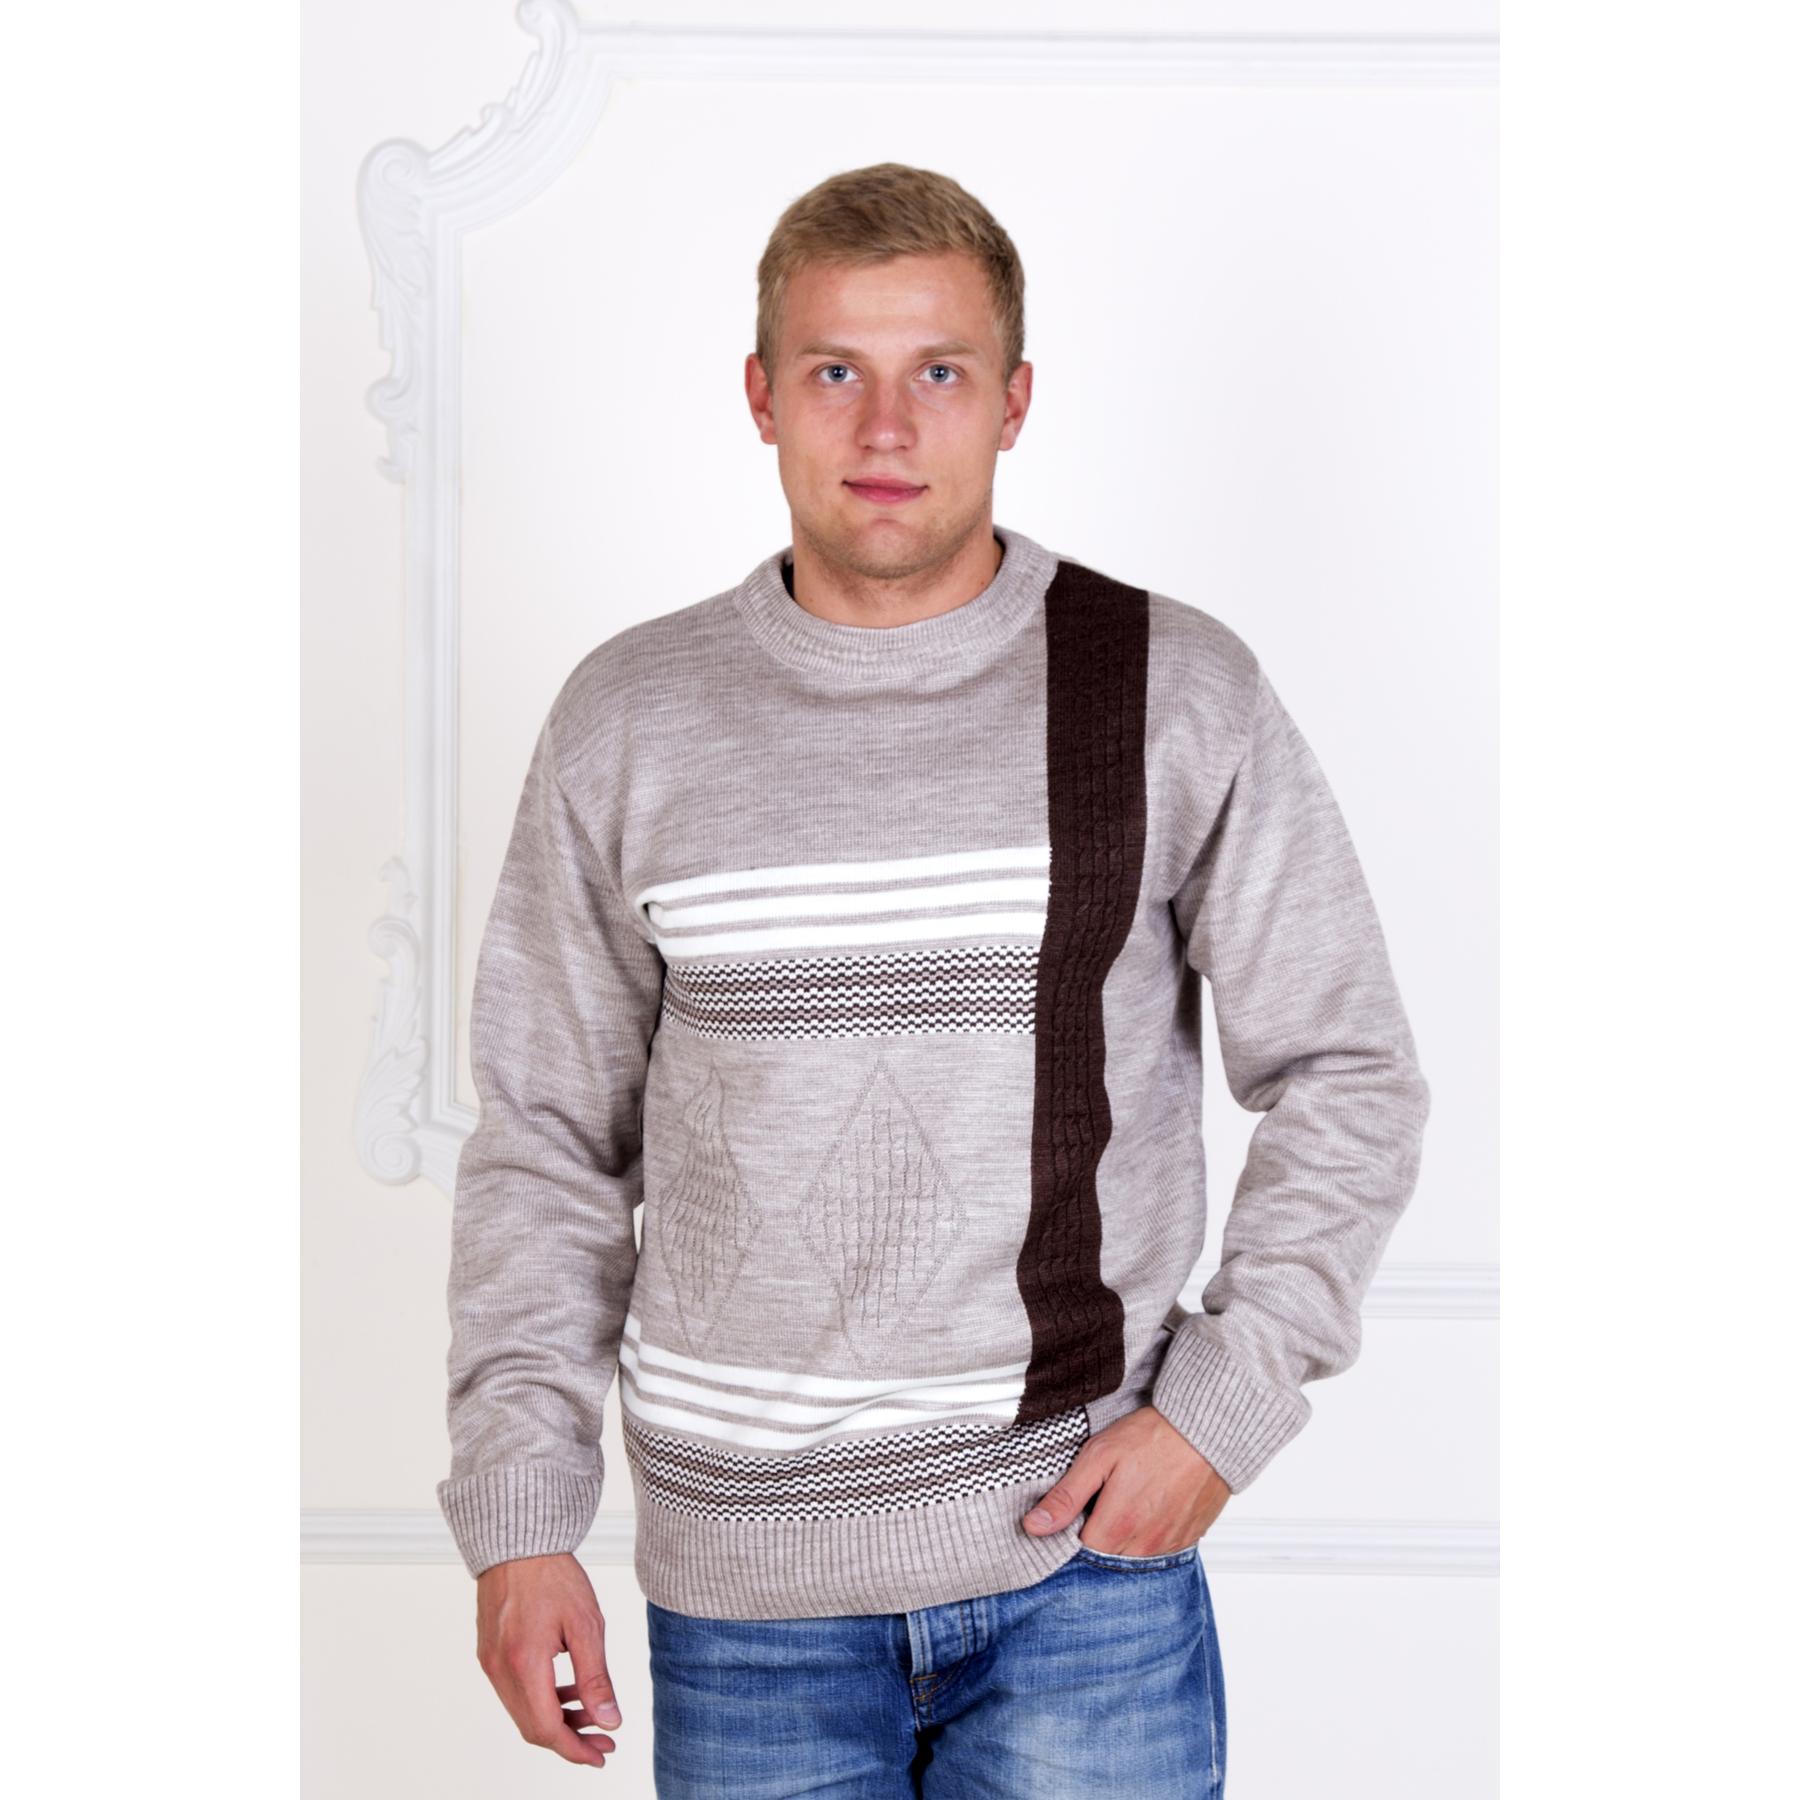 Мужской джемпер «Cotton», размер 46Толстовки, джемпера и рубашки<br>Обхват груди:92 см<br>Обхват талии:84 см<br>Обхват бедер:100 см<br>Рост:172-180 см<br><br>Тип: Муж. кофта<br>Размер: 46<br>Материал: Овечья шерсть